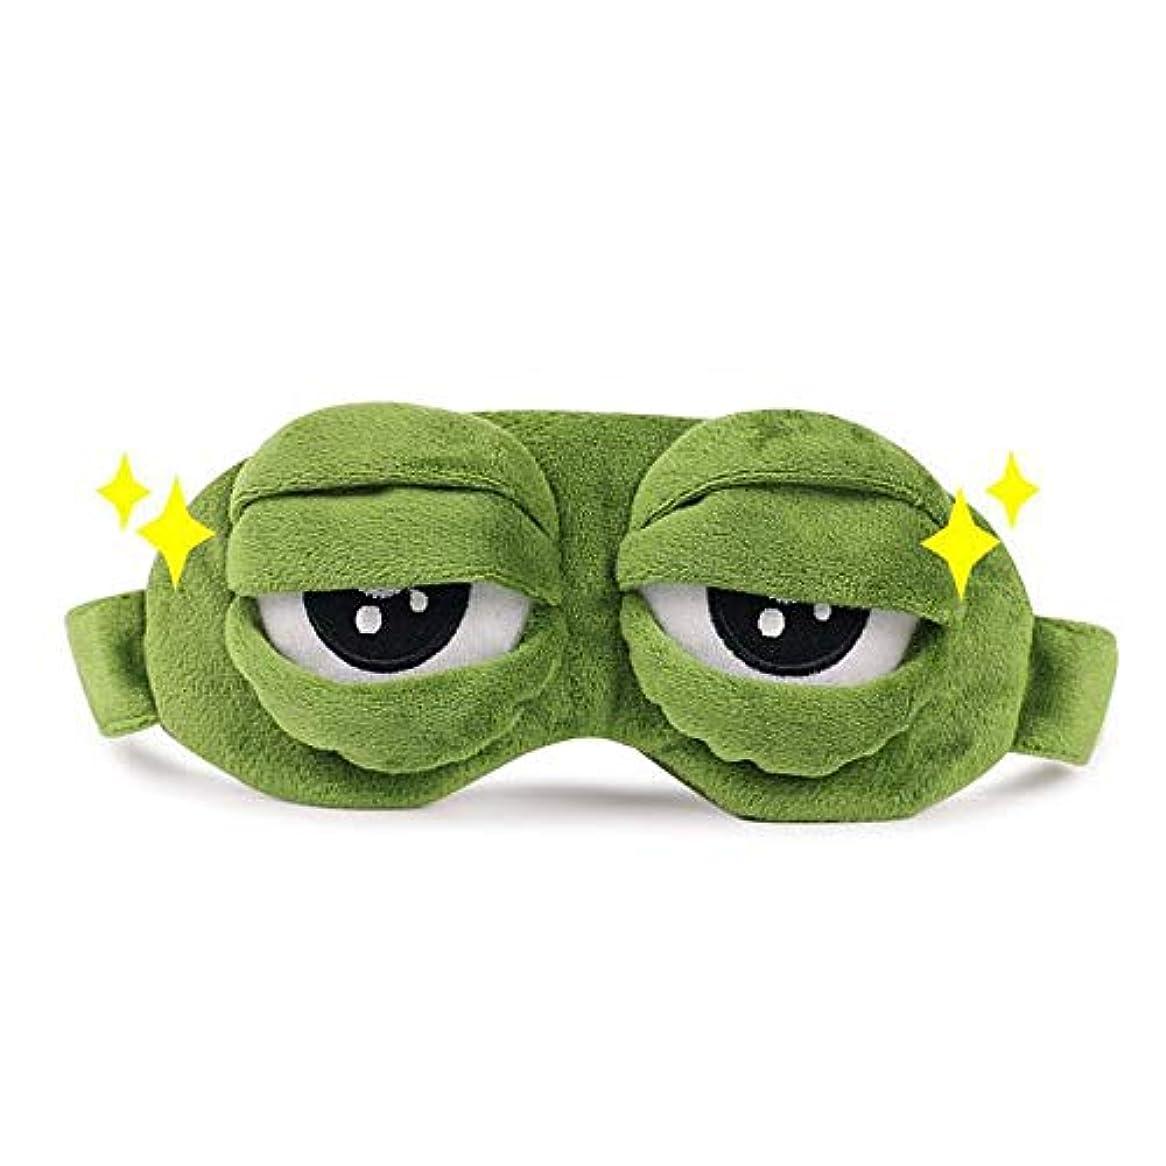 チョークスキャンダルその注意悲しいカエル睡眠マスク綿アイマスク目隠し睡眠のため睡眠マスクケースアイカバーマスク